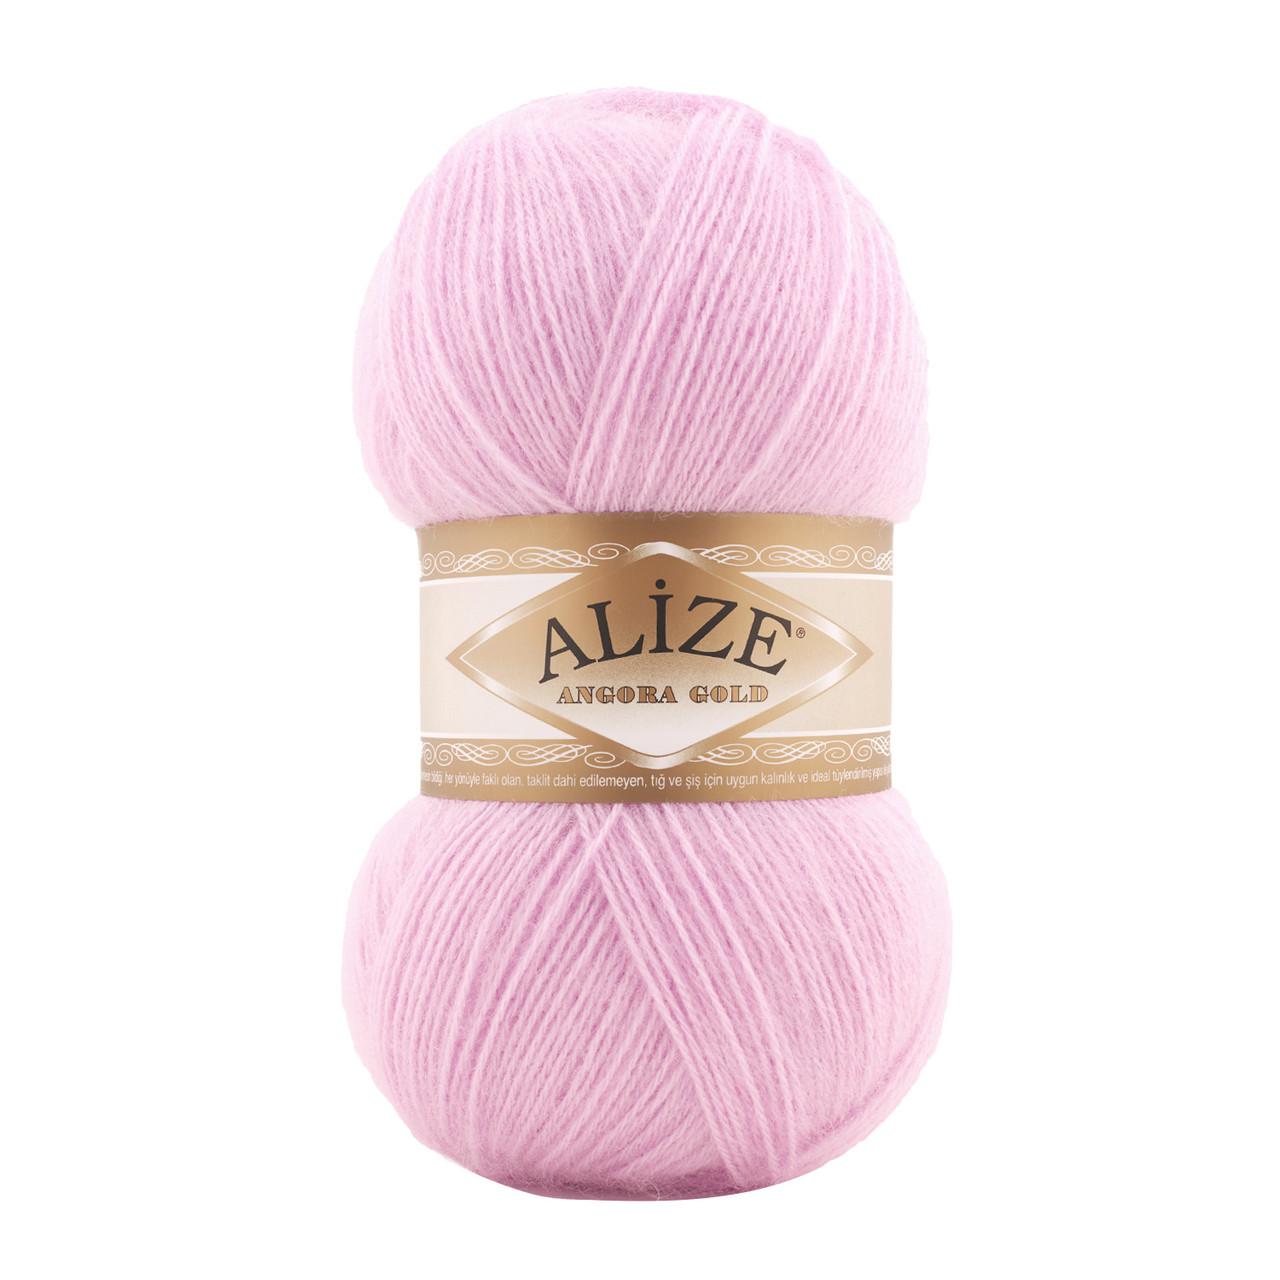 ANGORA GOLD 185 светло-розовый - 20% шерсть 80% акрил